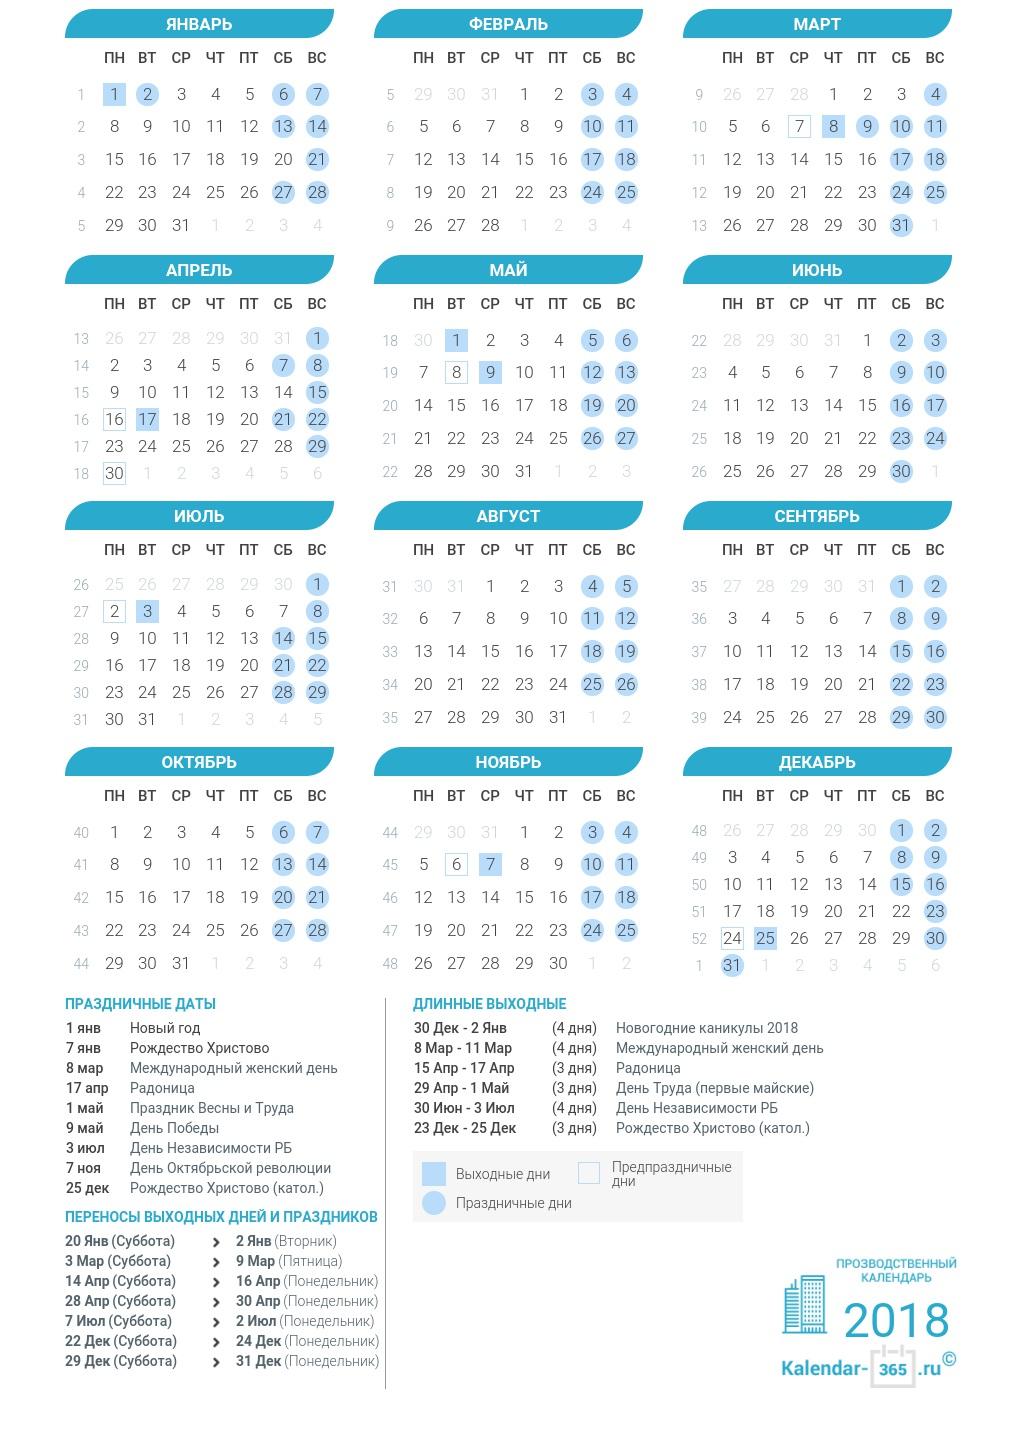 Праздники и выходные дни в октябре 2019 года в России: церковные и государственные